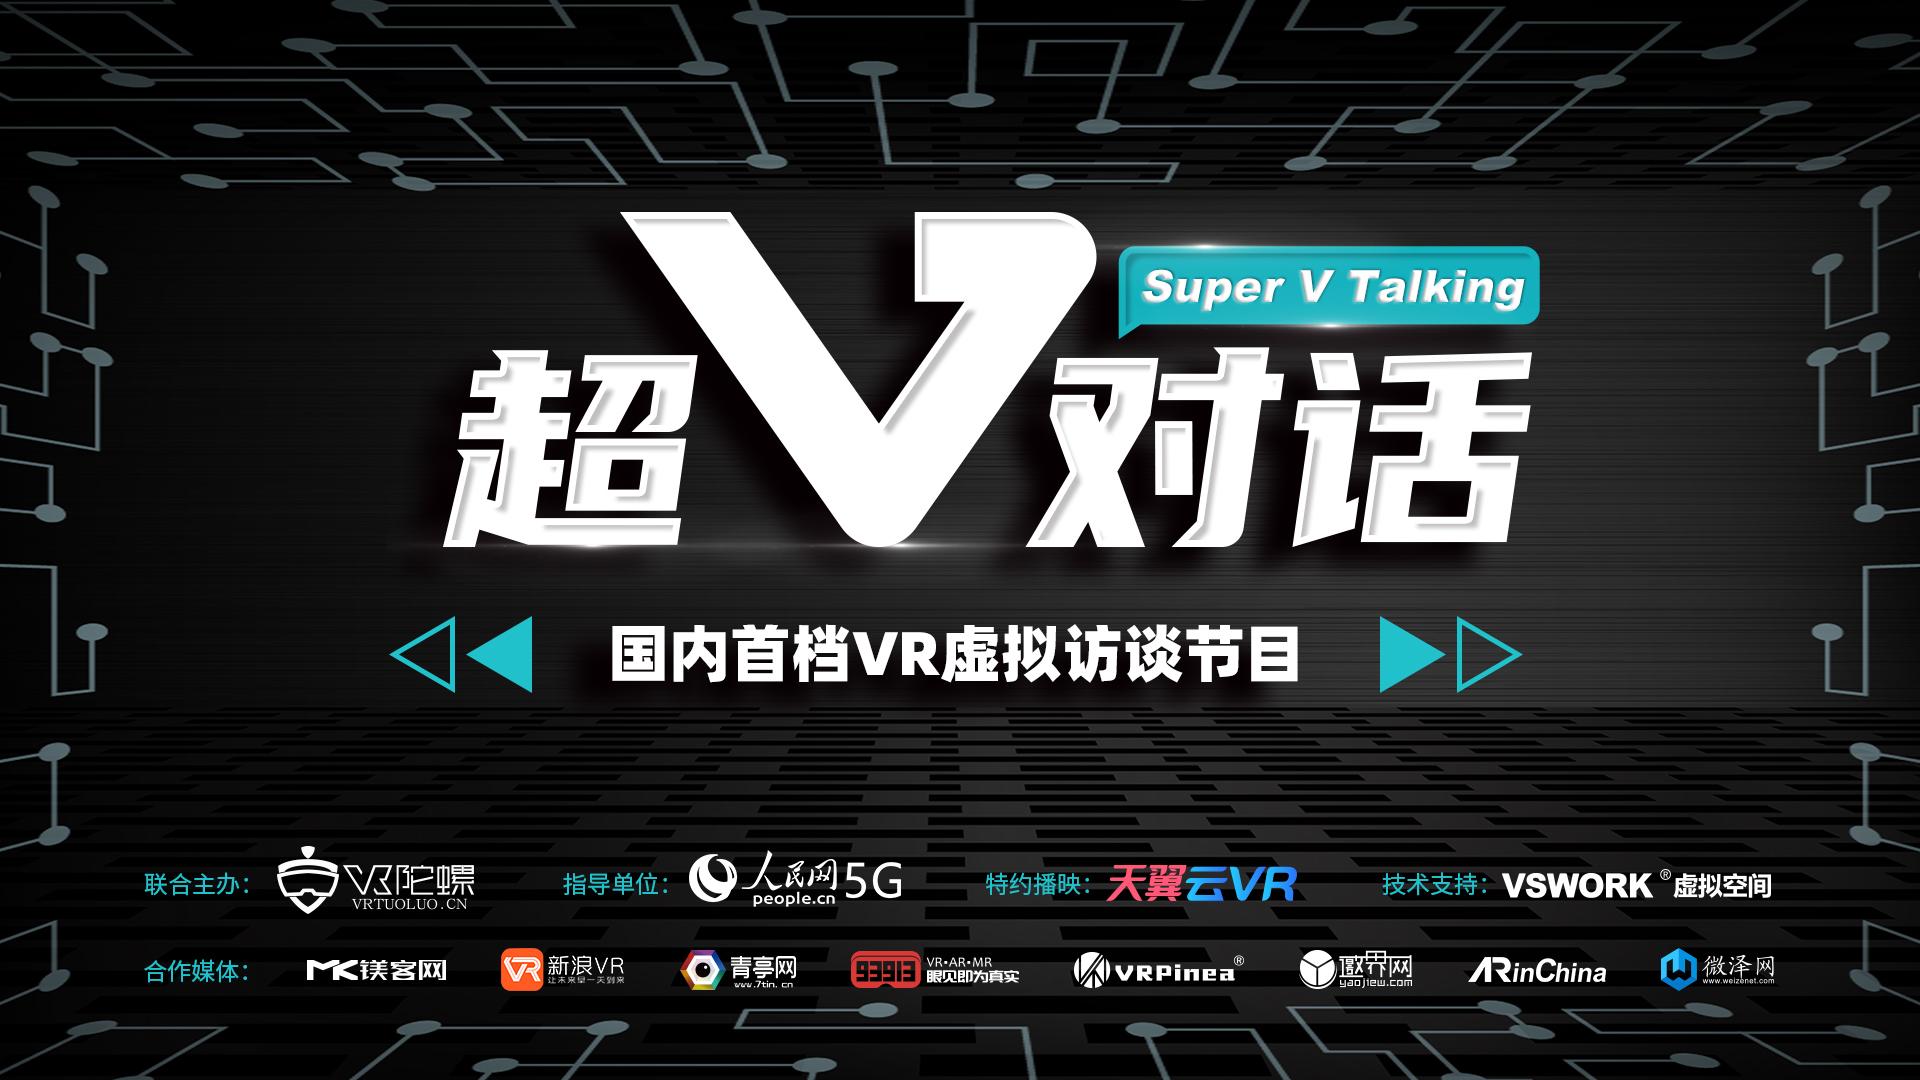 超V对话:详解虚拟主播Vtuber的制作与IP打造